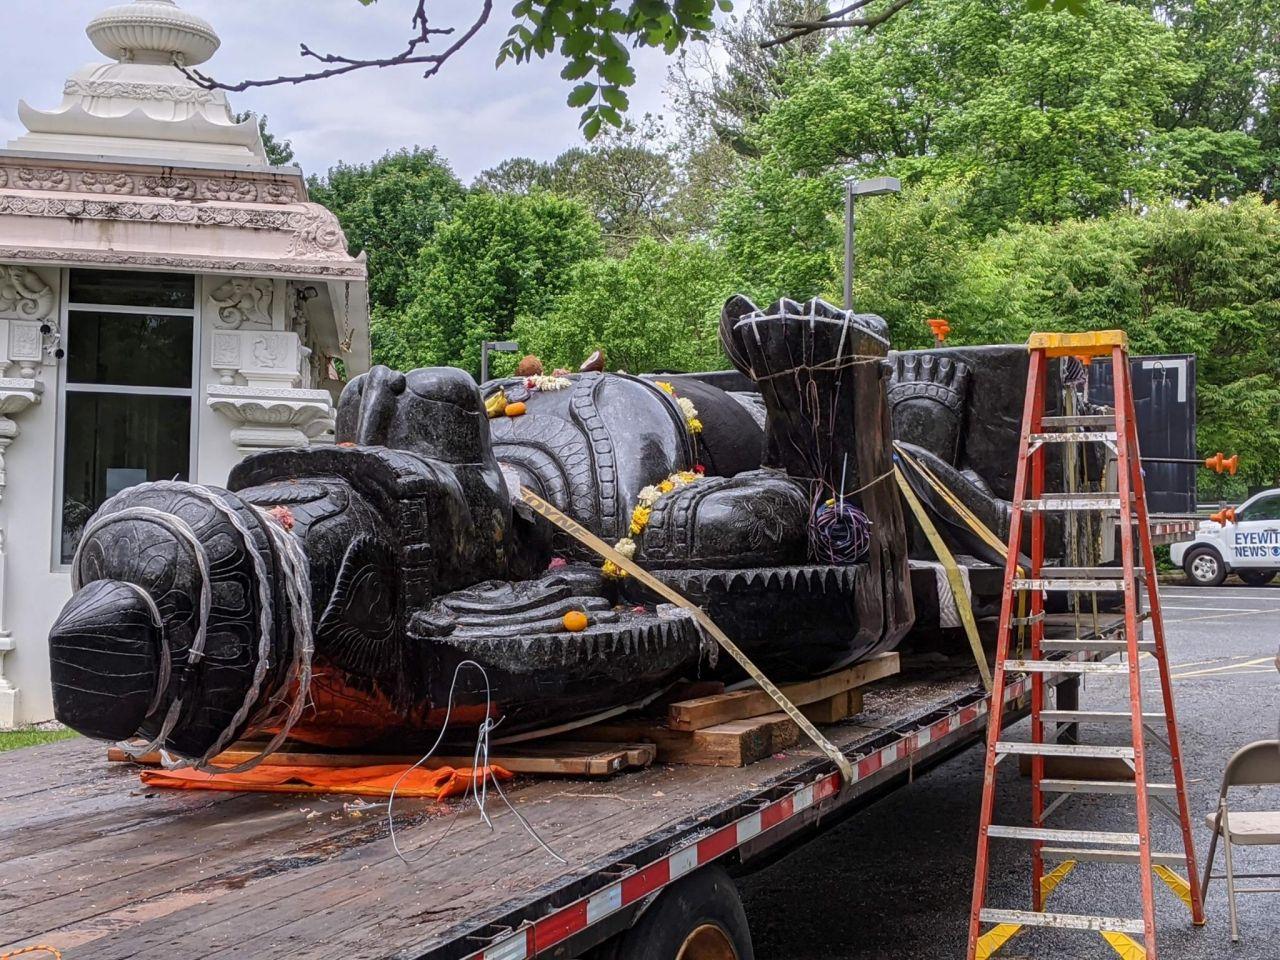 Tallest Hanuman Deity in the US is Installed in Delaware